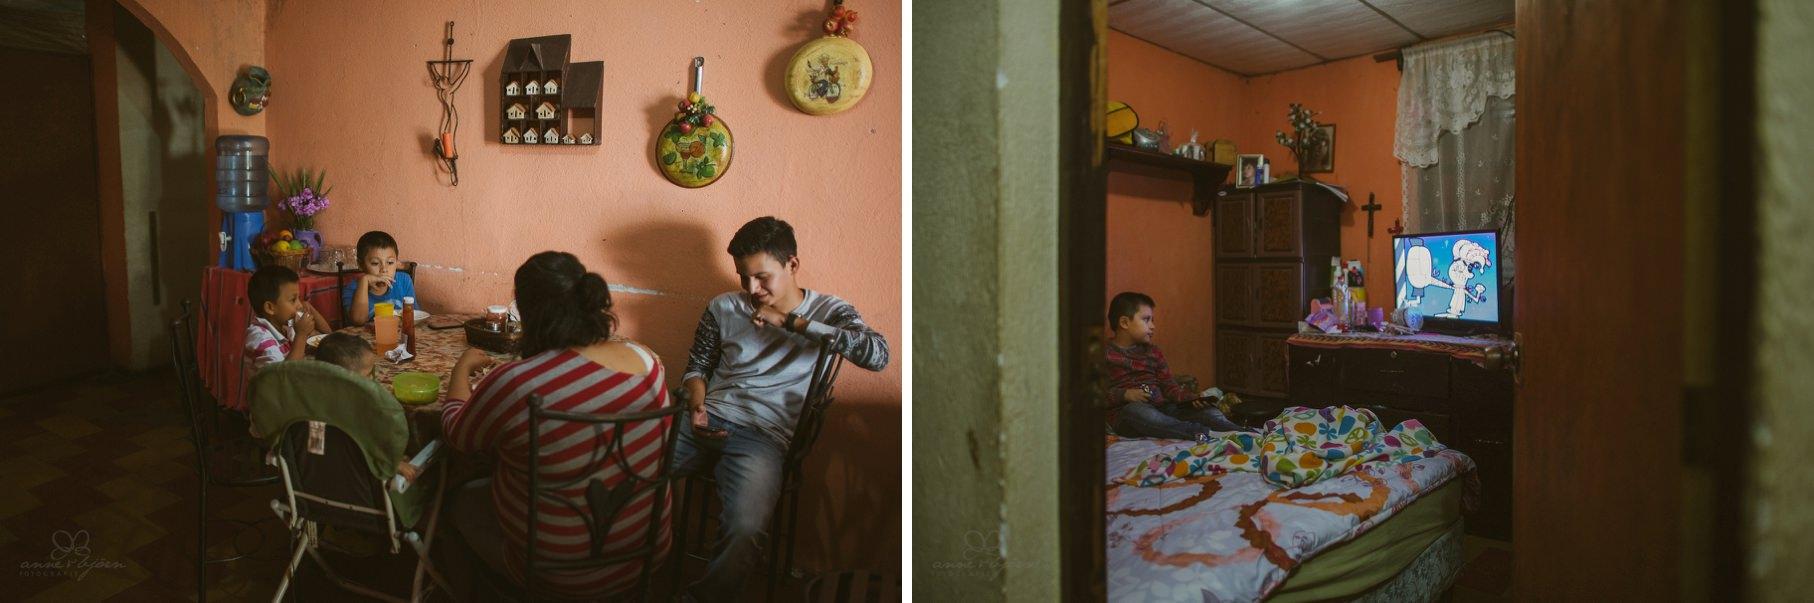 0036 anne und bjoern guatemala 811 2608 - 4 Wochen durch Guatemala - backpacking durch Mittelamerika